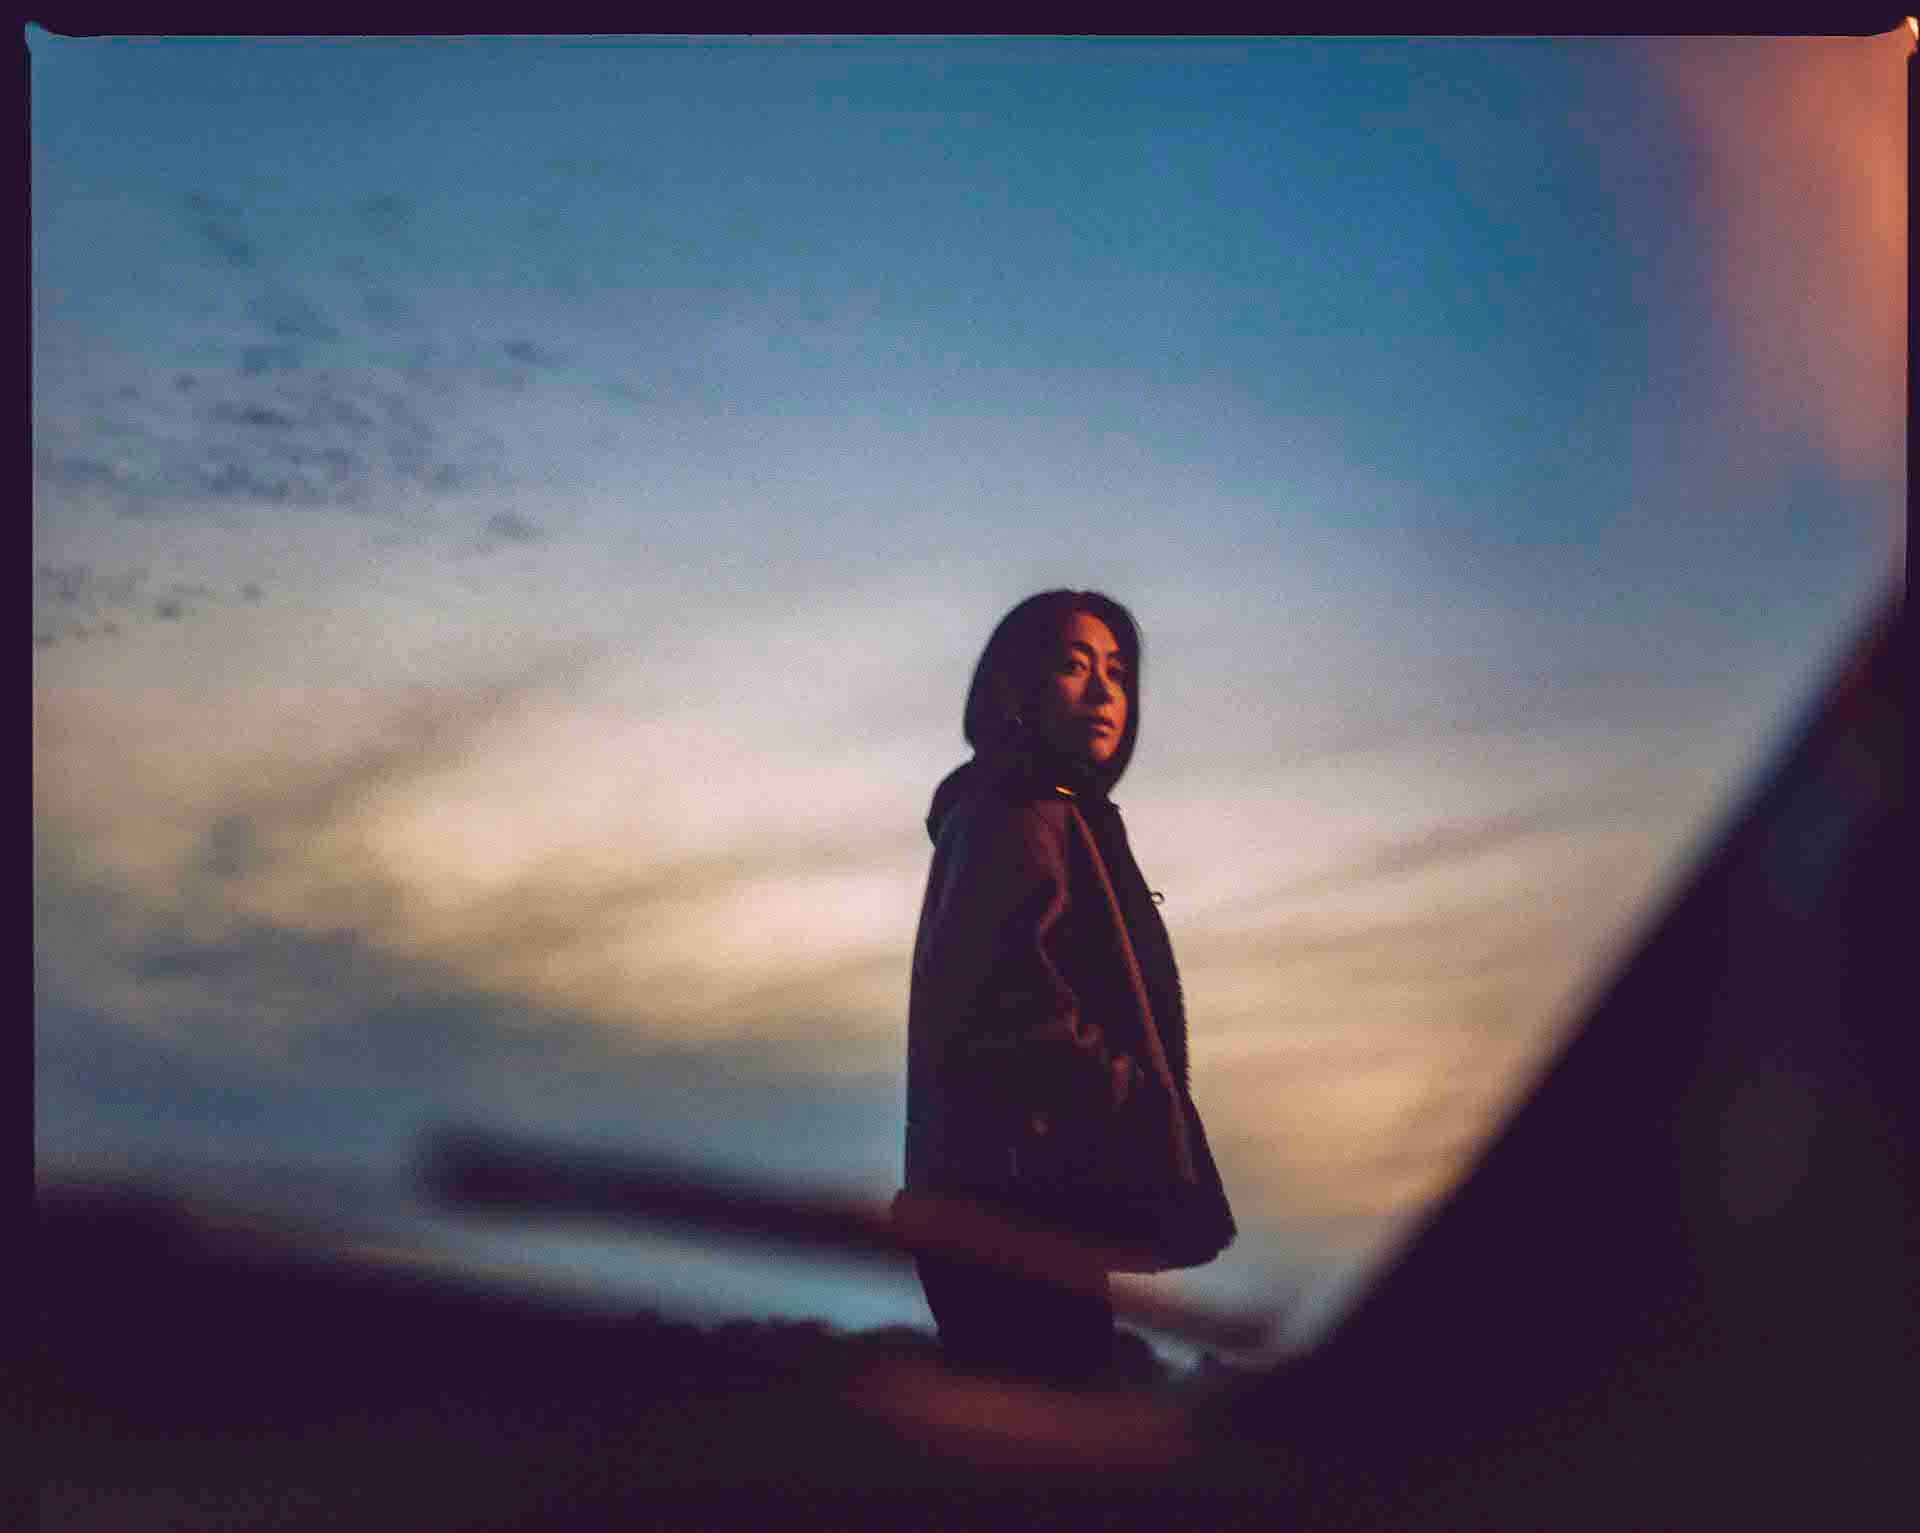 宇多田ヒカルの新曲が吉高由里子主演のTBS系金曜ドラマ『最愛』の主題歌に決定! music210916_utadahikaru_main